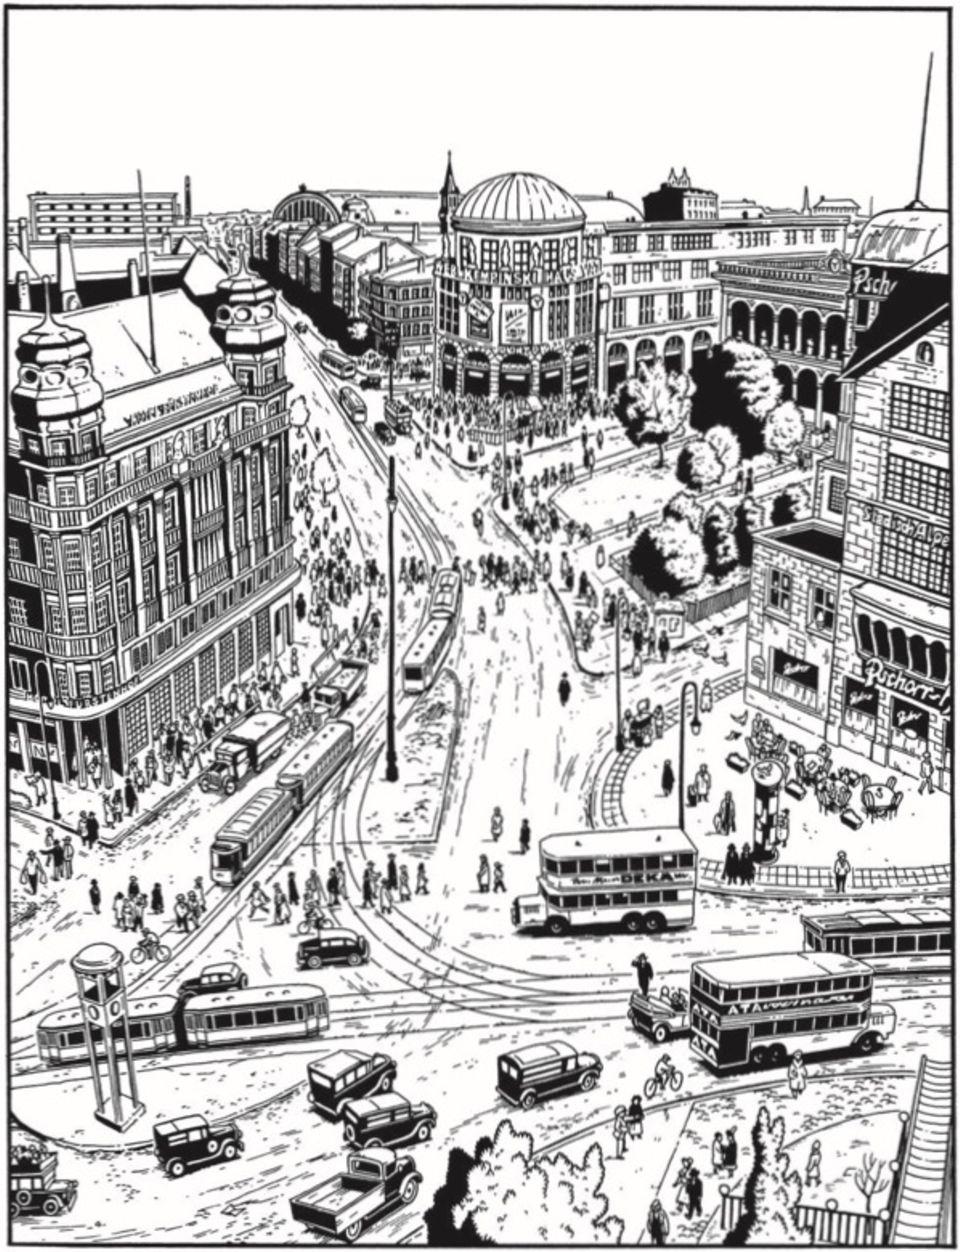 Der Potsdamer Platz von Jason Lutes gezeichnet